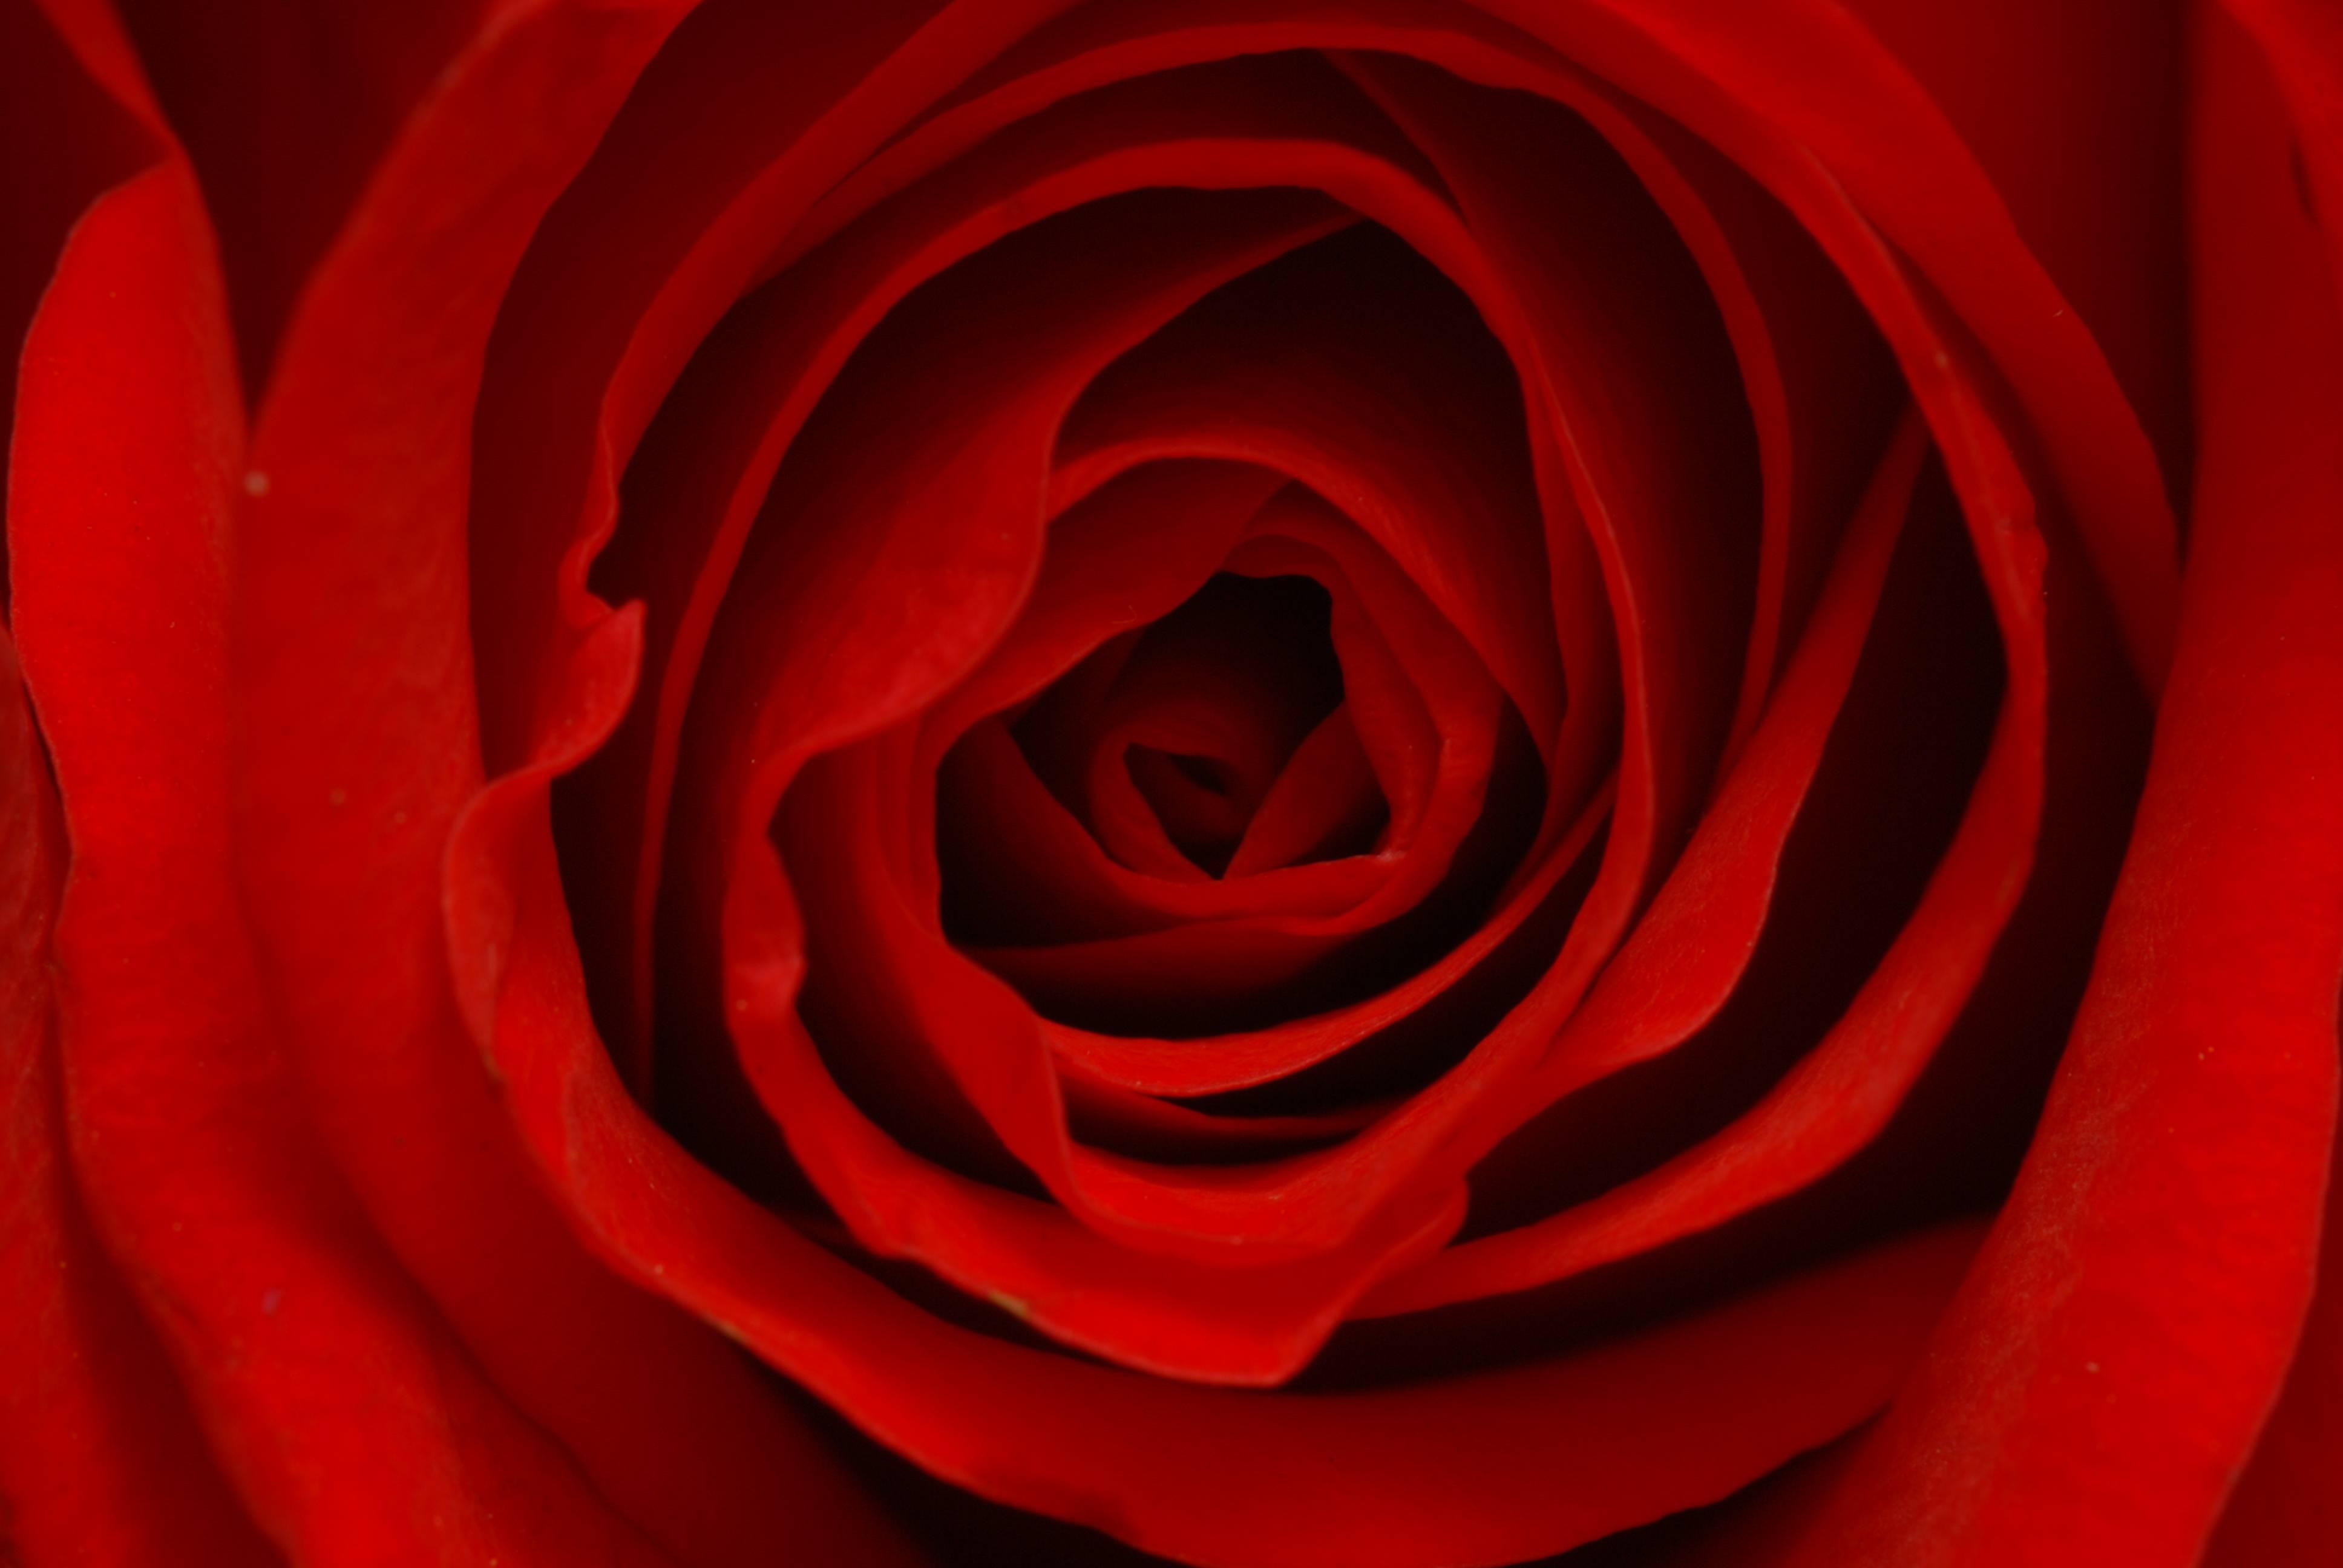 Flower Rose Wallpaper Flower Rose Wallpapers Flower Rose Wallpaper ...